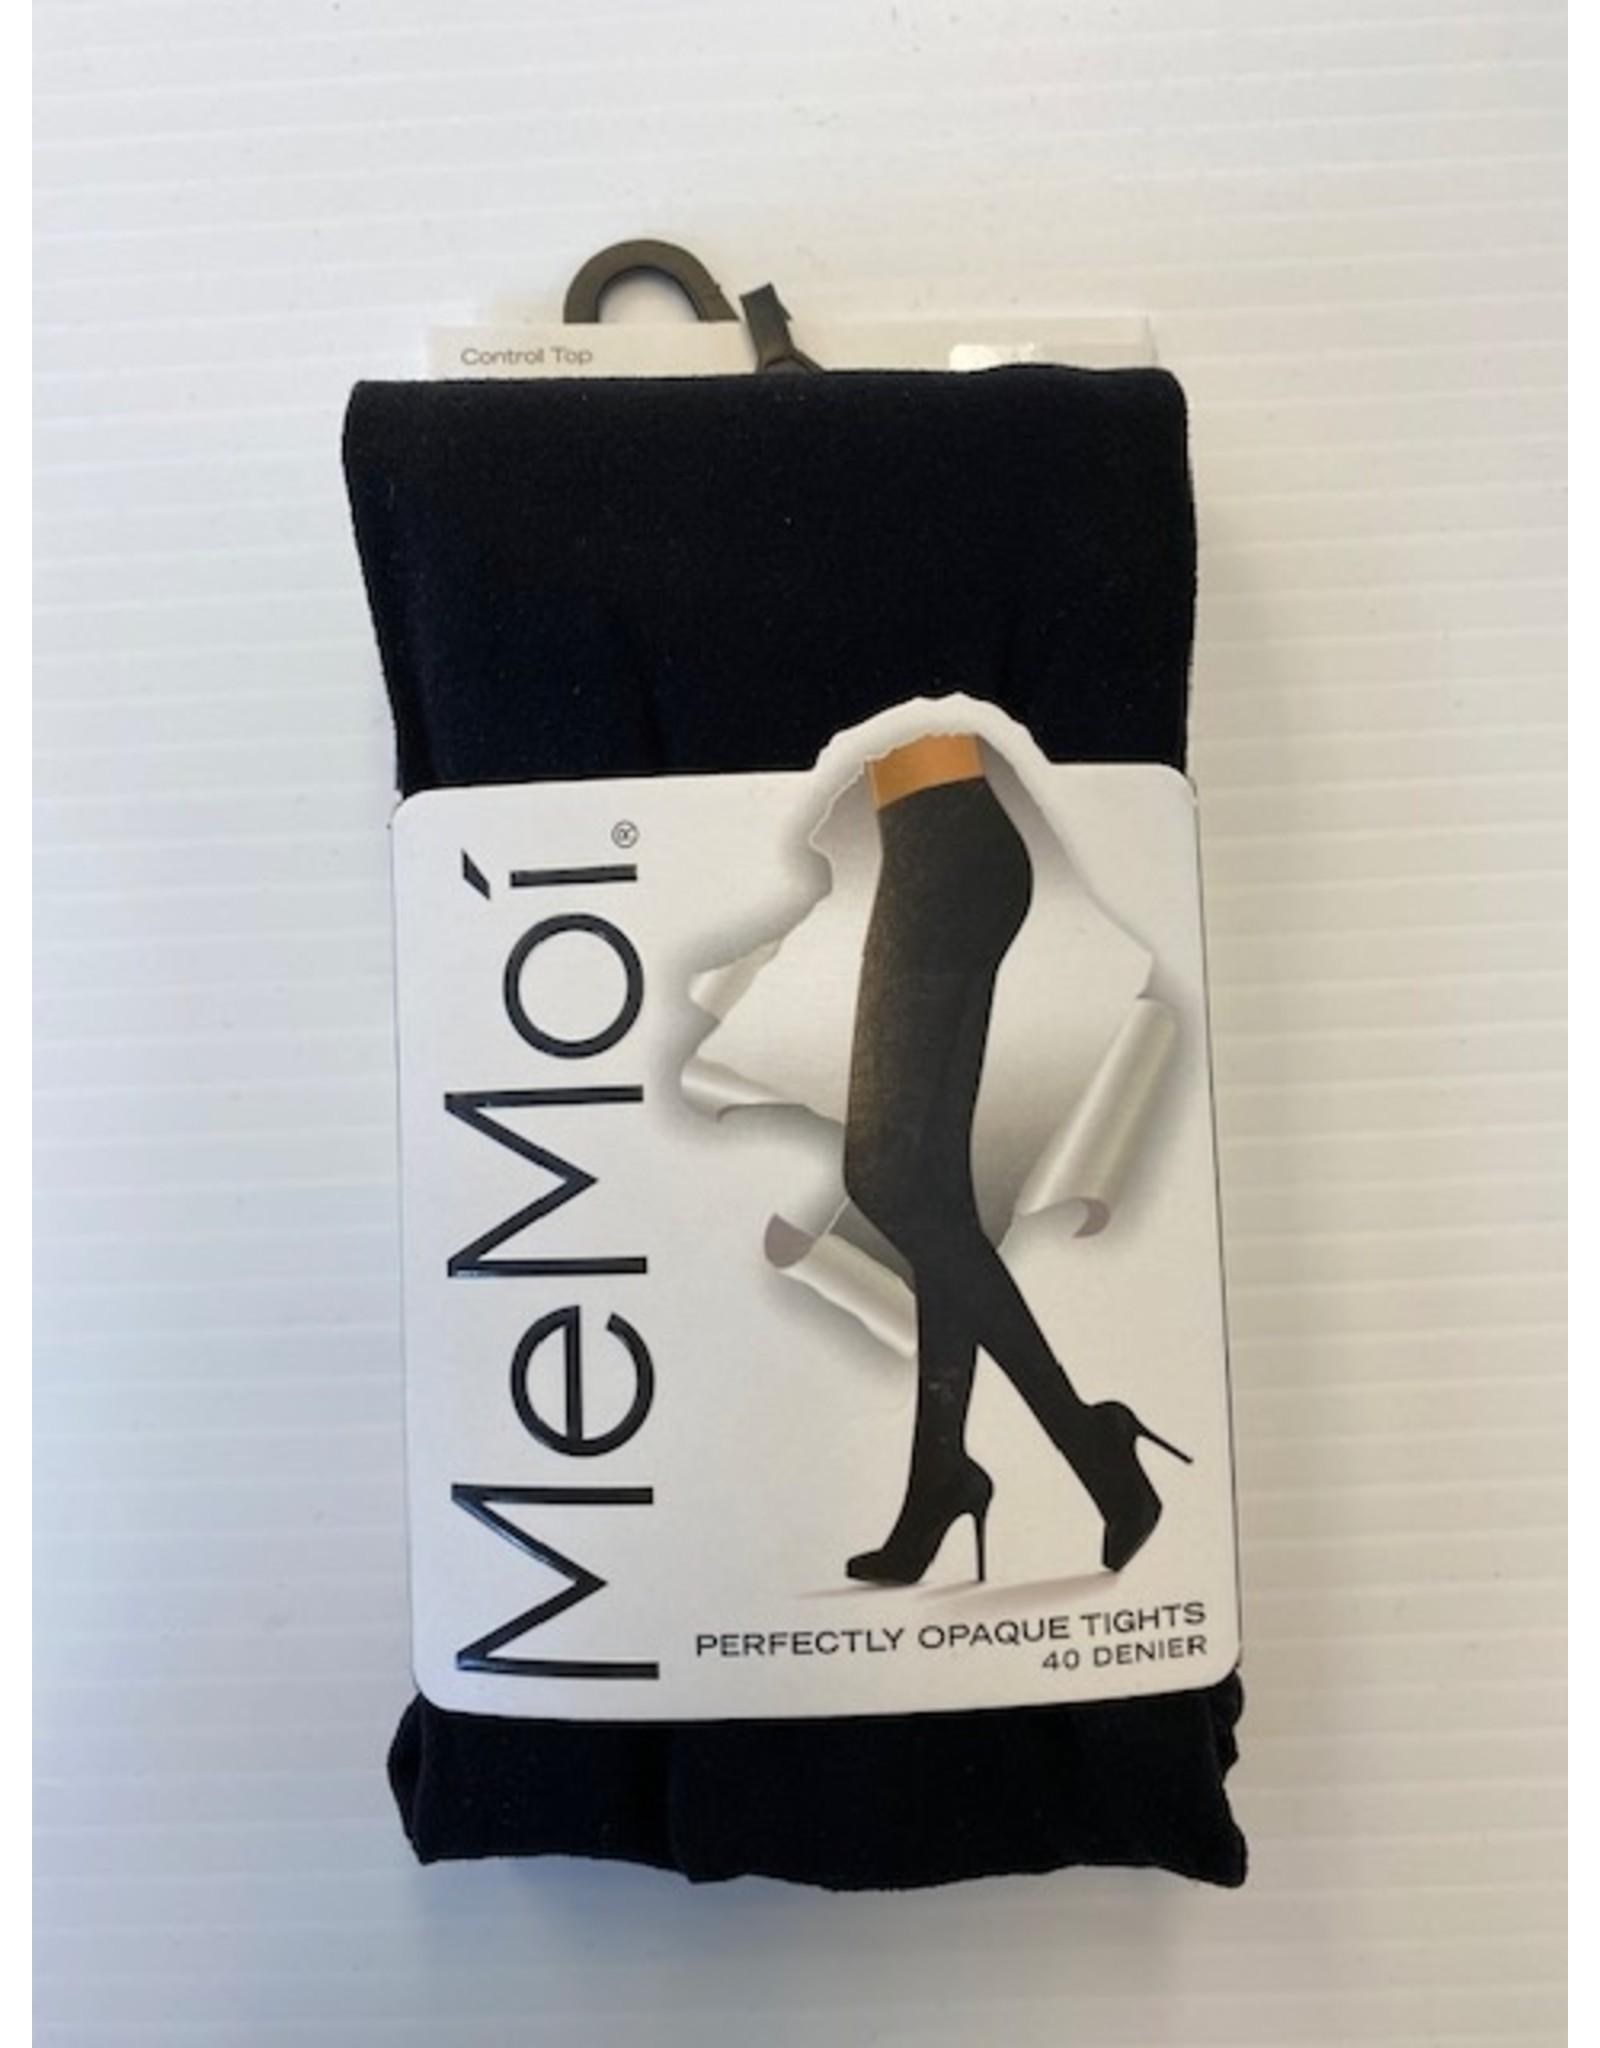 Memoi Memoi Women's Perfectly Opaque Control Top 40 Denier Tights MO-312